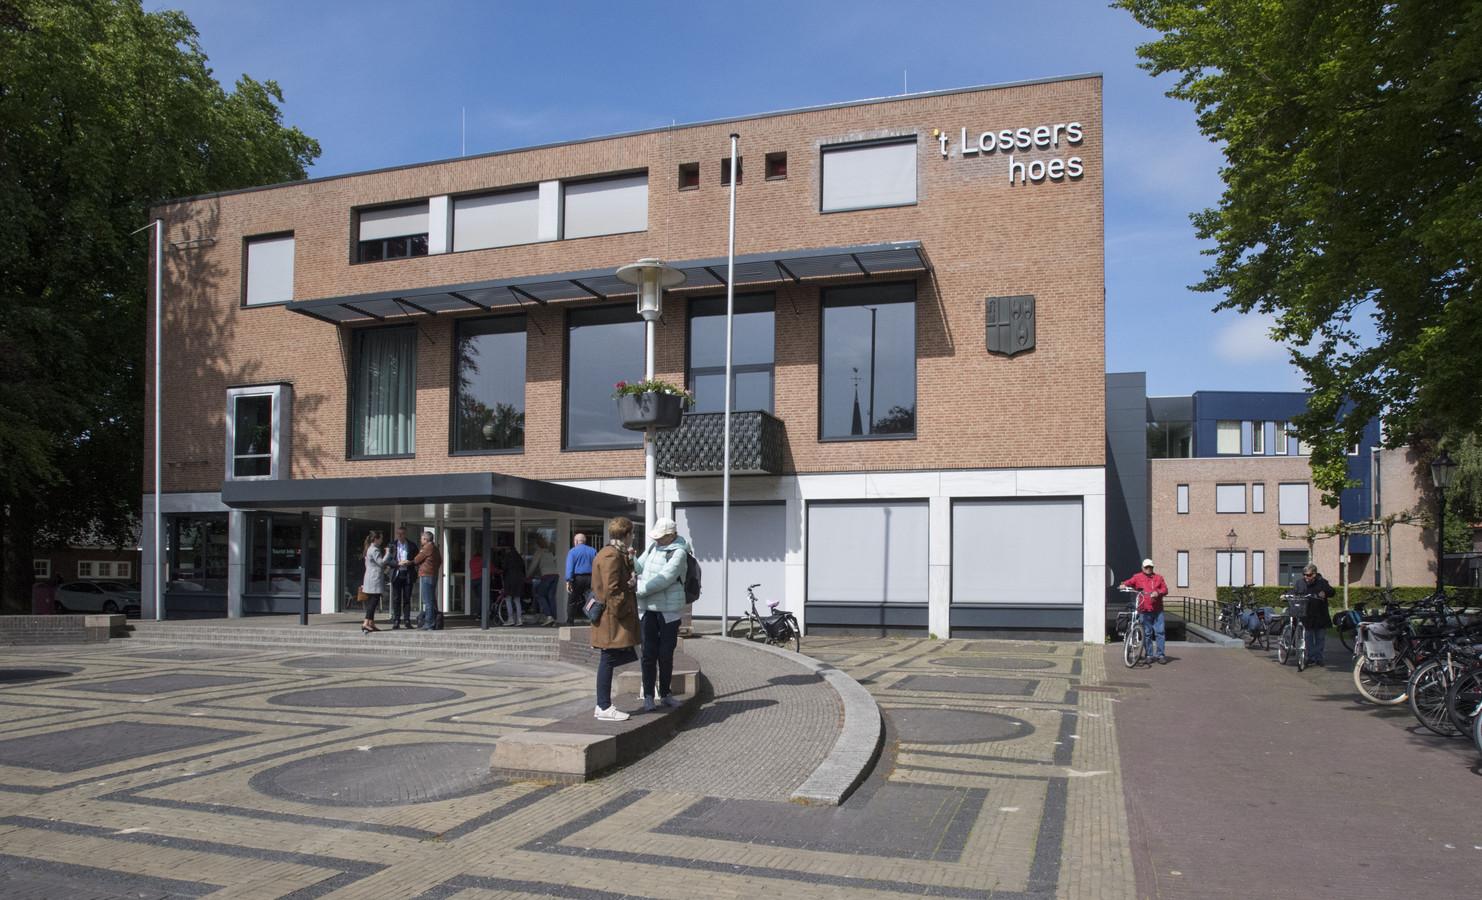 Met ingang van 1 mei krijgt de stichting Fundament, ondergebracht in 't Lossers hoes, een nieuwe directeur-bestuurder in de persoon van Evelien Fokkink.